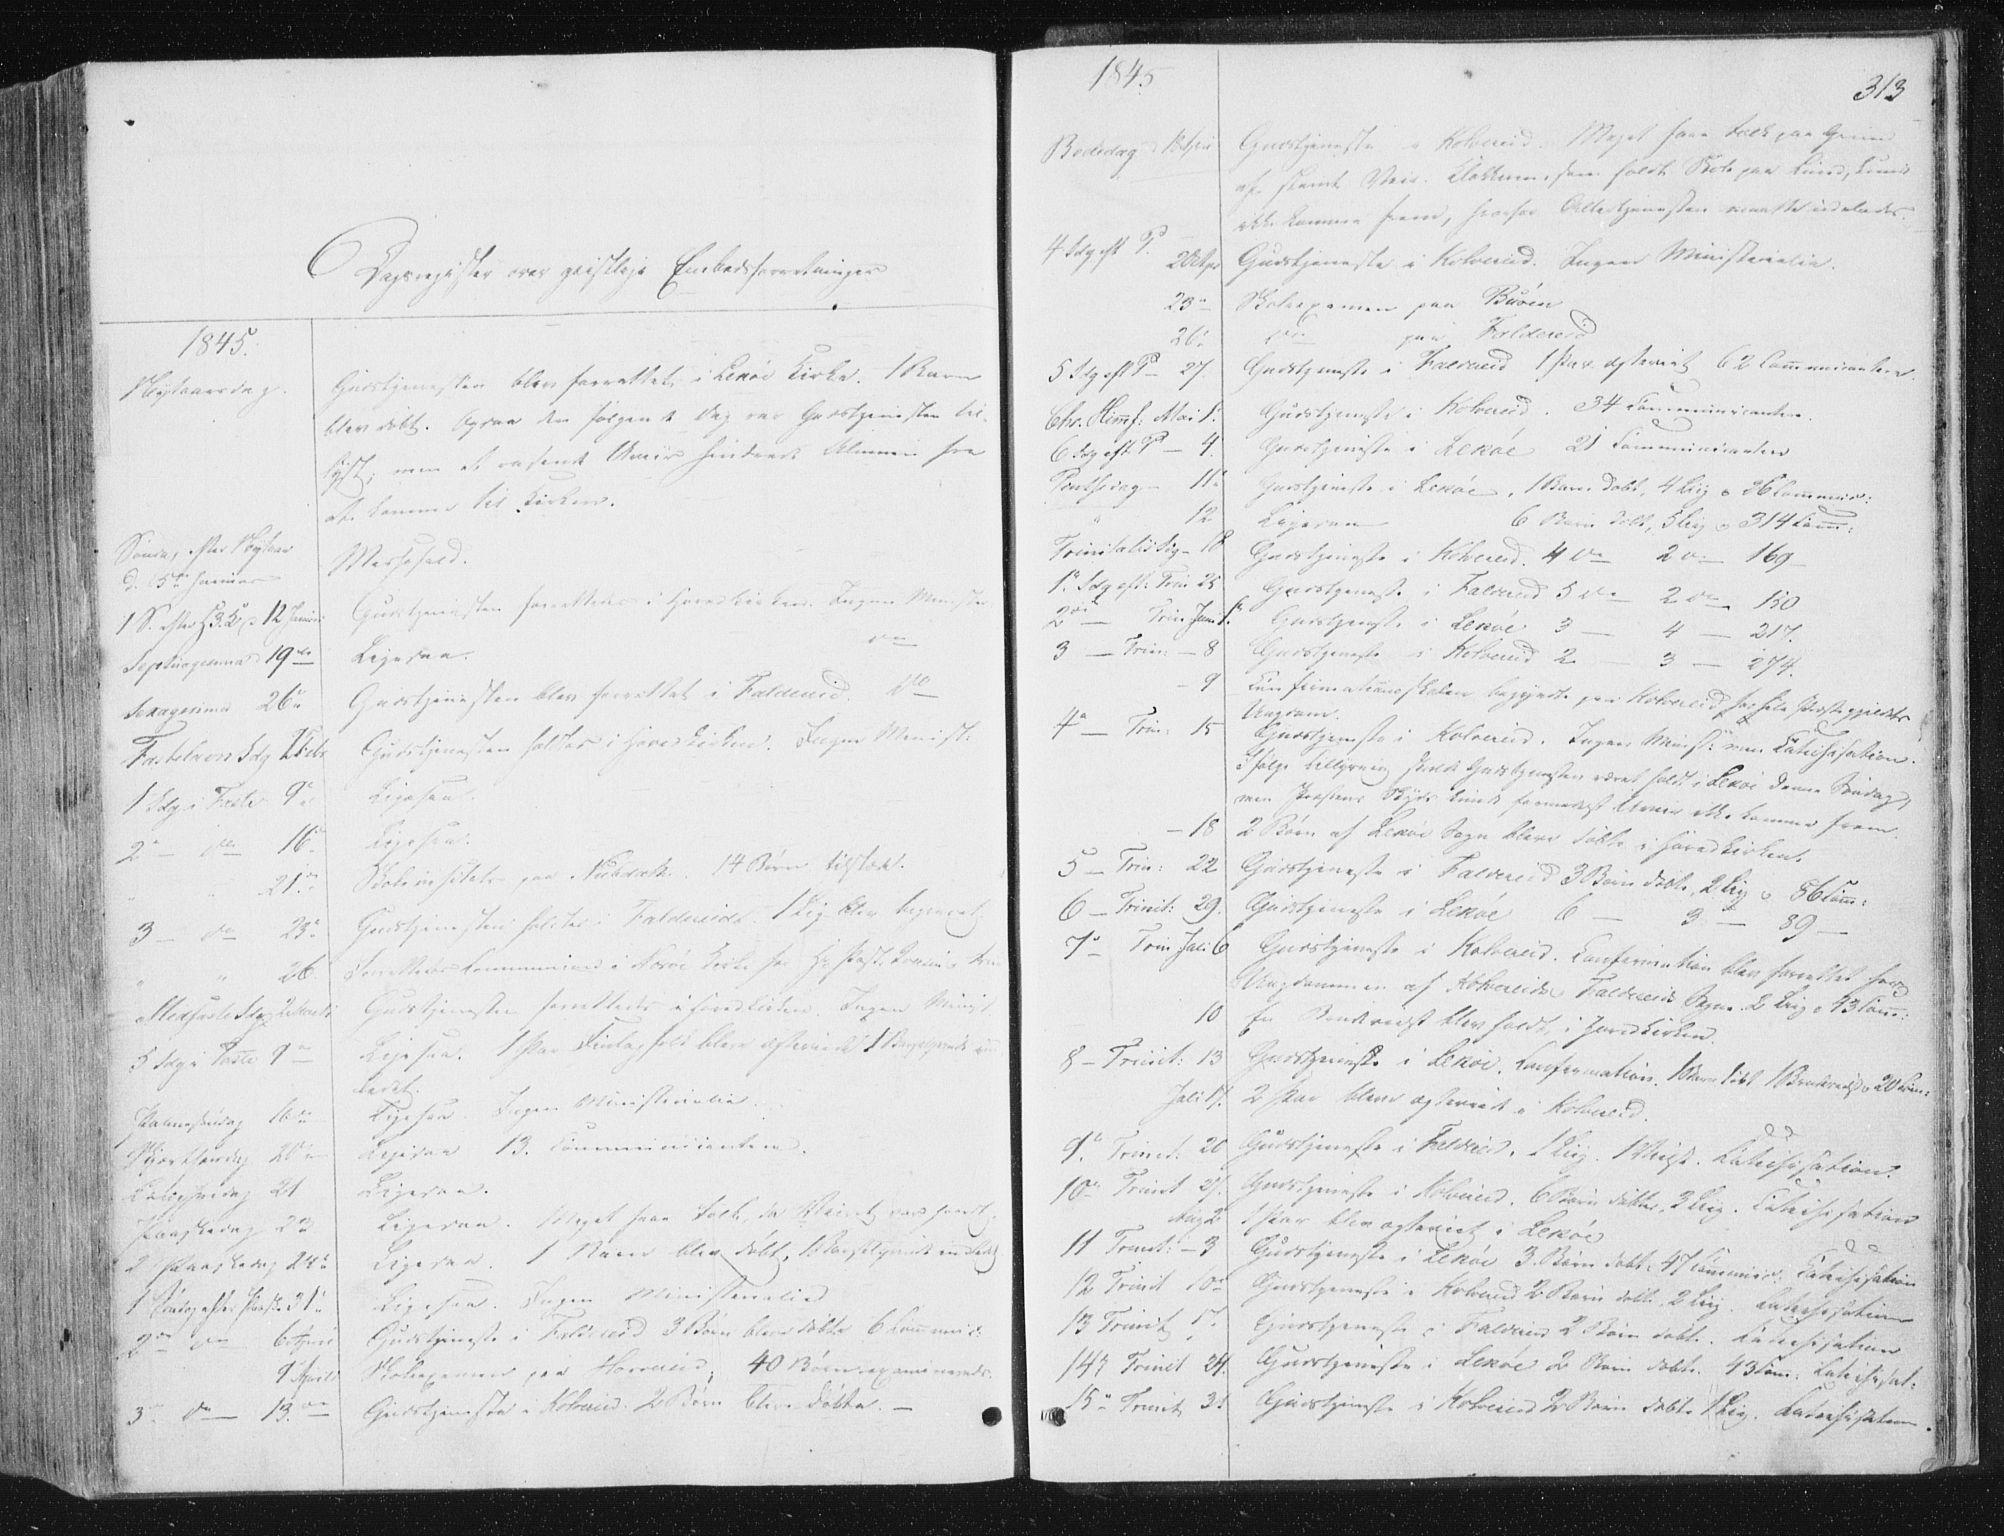 SAT, Ministerialprotokoller, klokkerbøker og fødselsregistre - Nord-Trøndelag, 780/L0640: Ministerialbok nr. 780A05, 1845-1856, s. 313